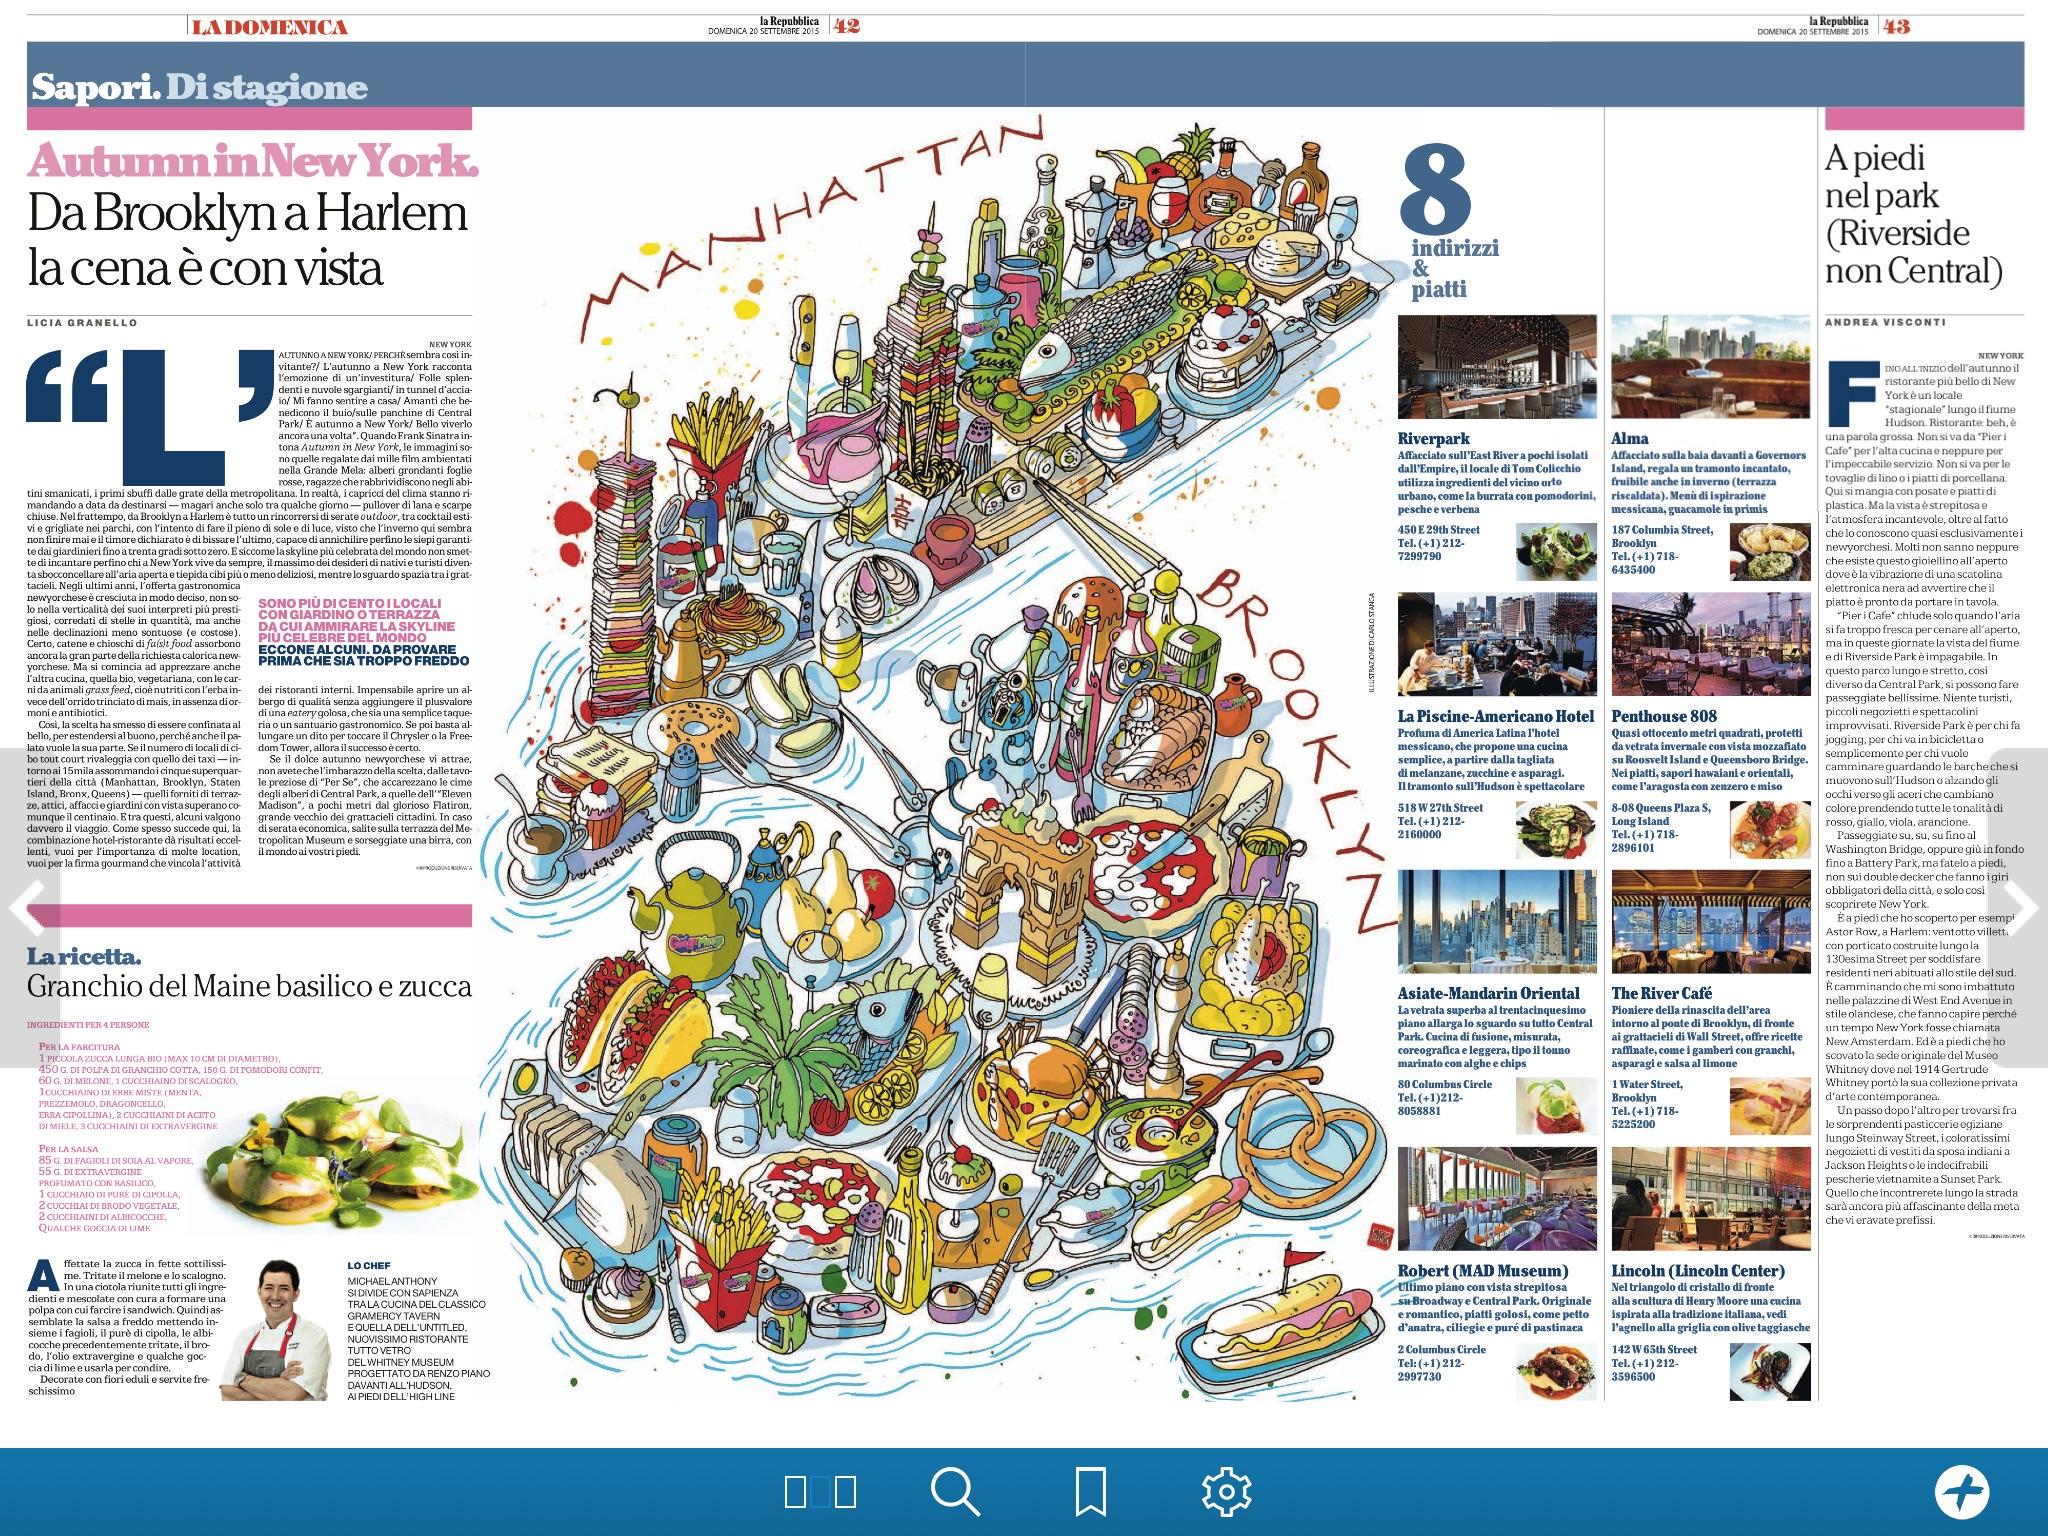 PANE NOSTRUM - Blog - Repubblica.it 7eaab95d3256